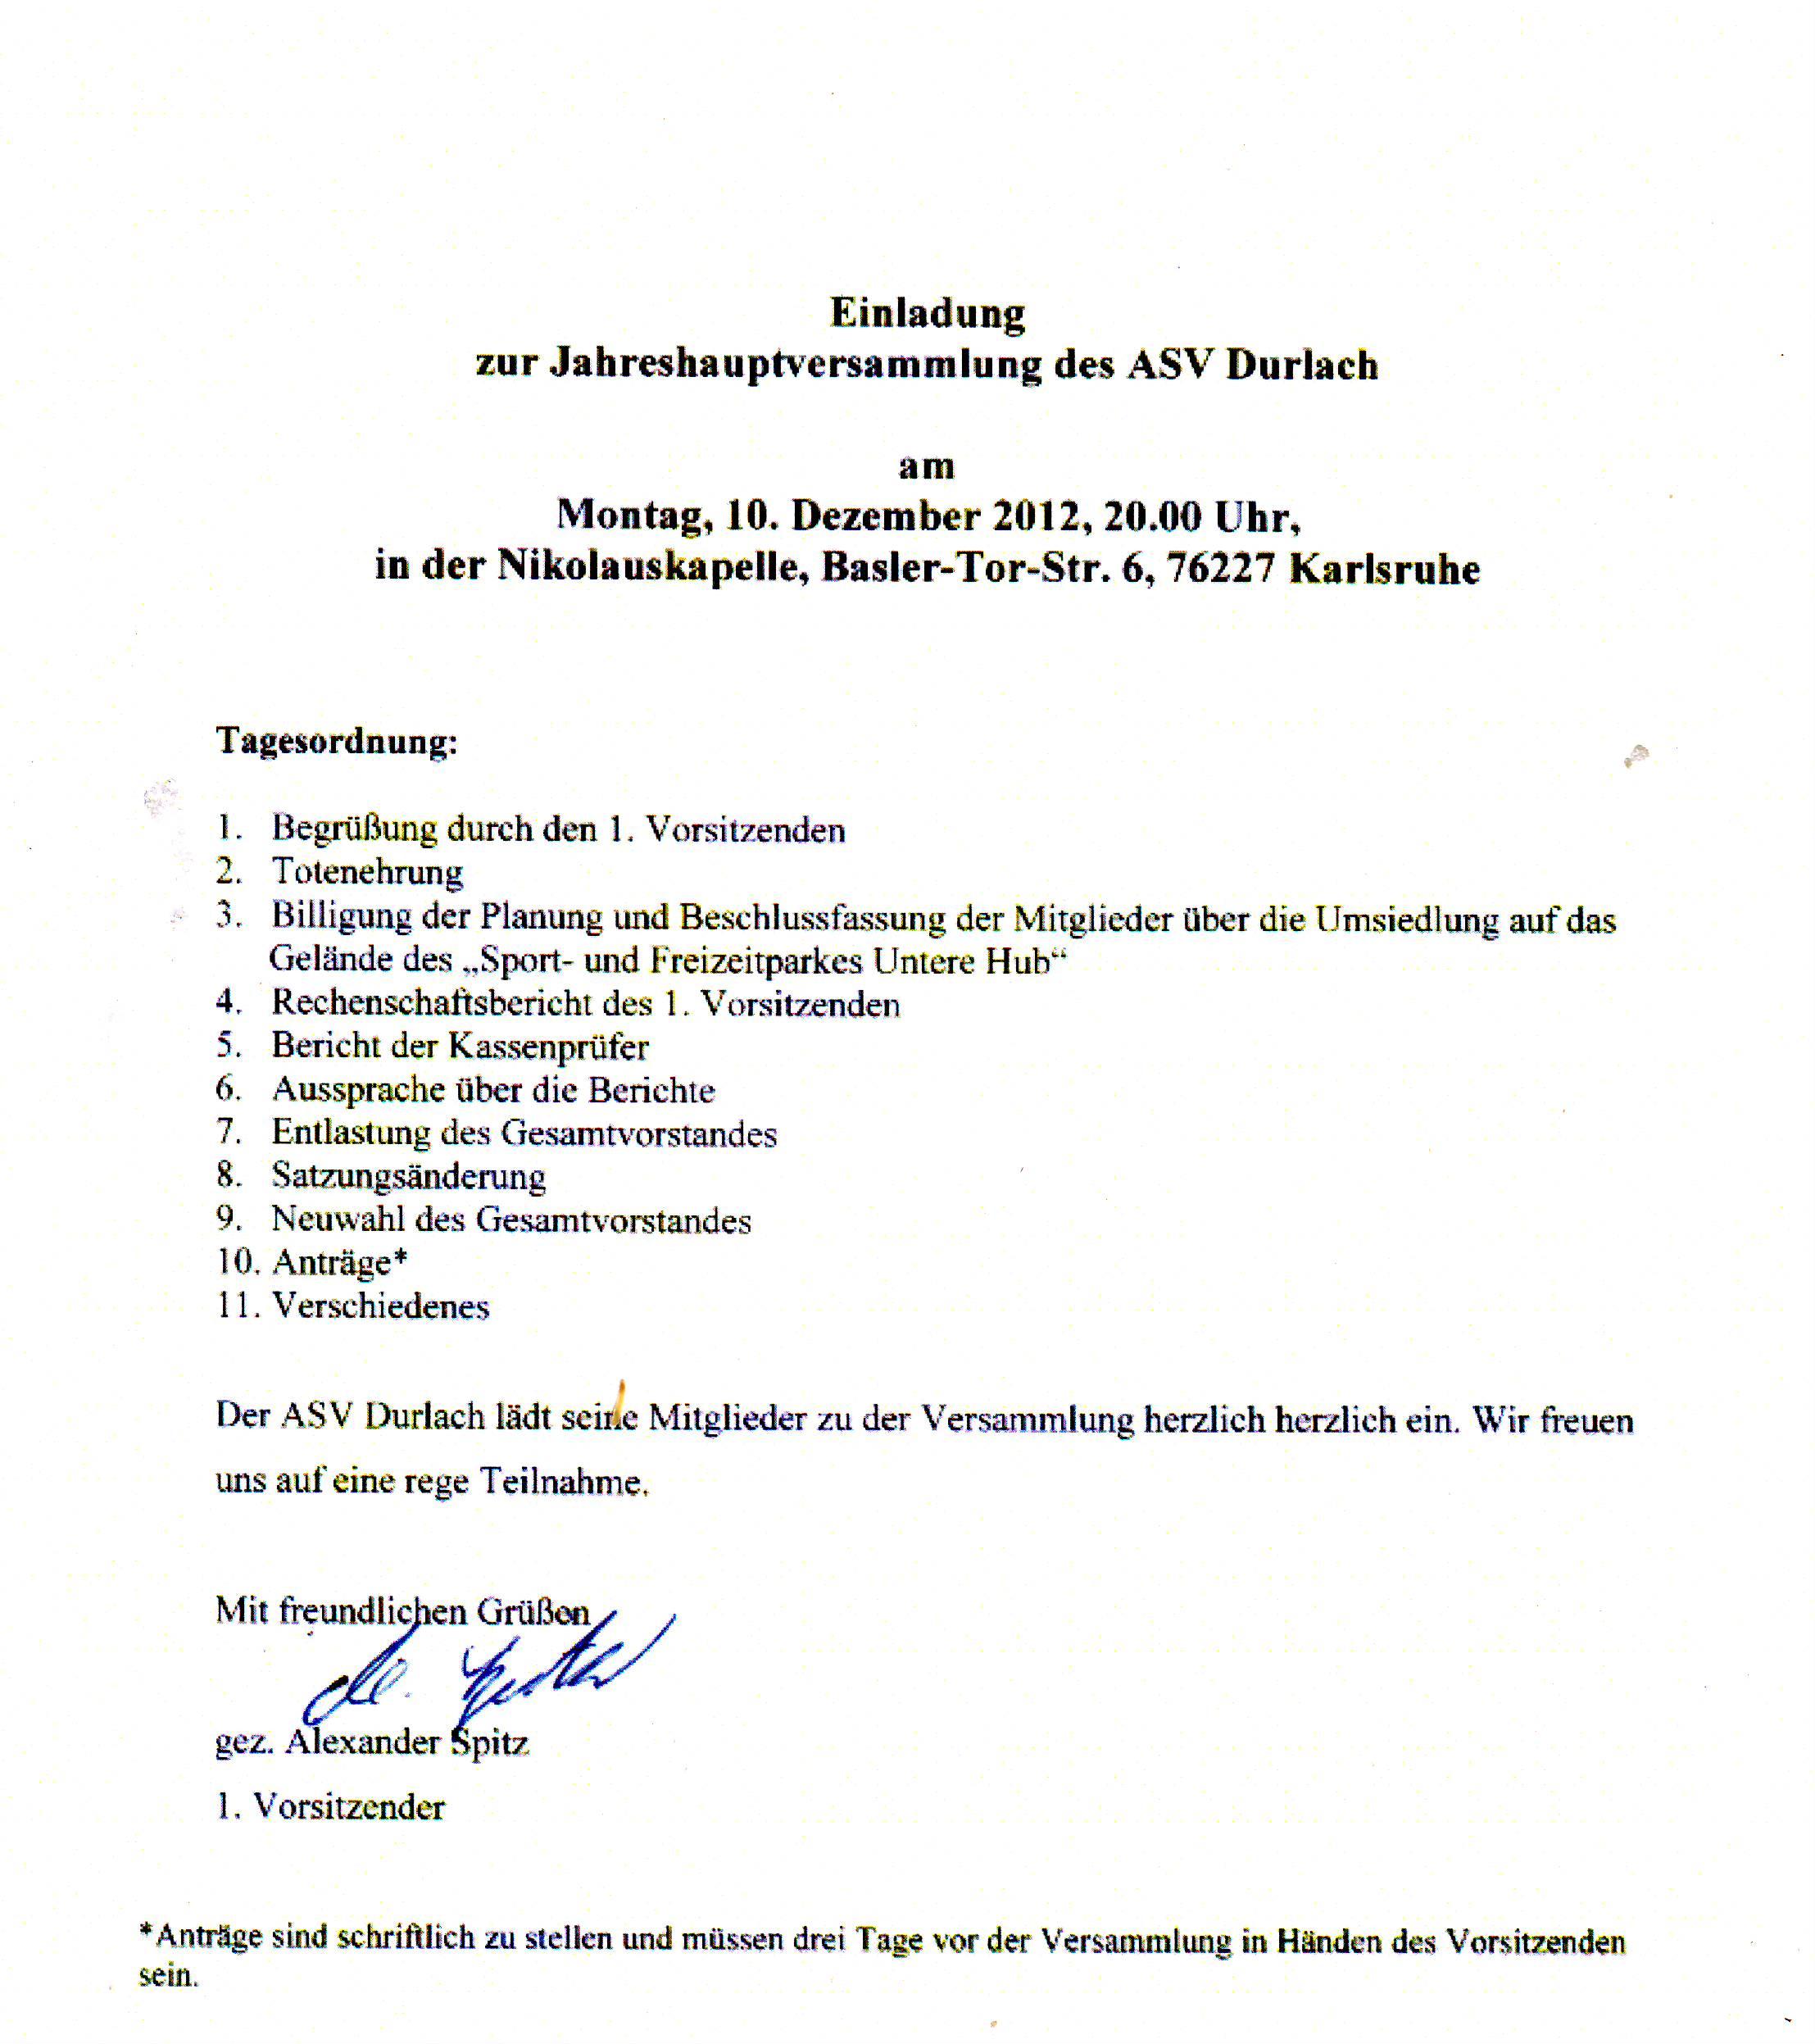 Elternstammtisch Einladung Sofiatraffic Info